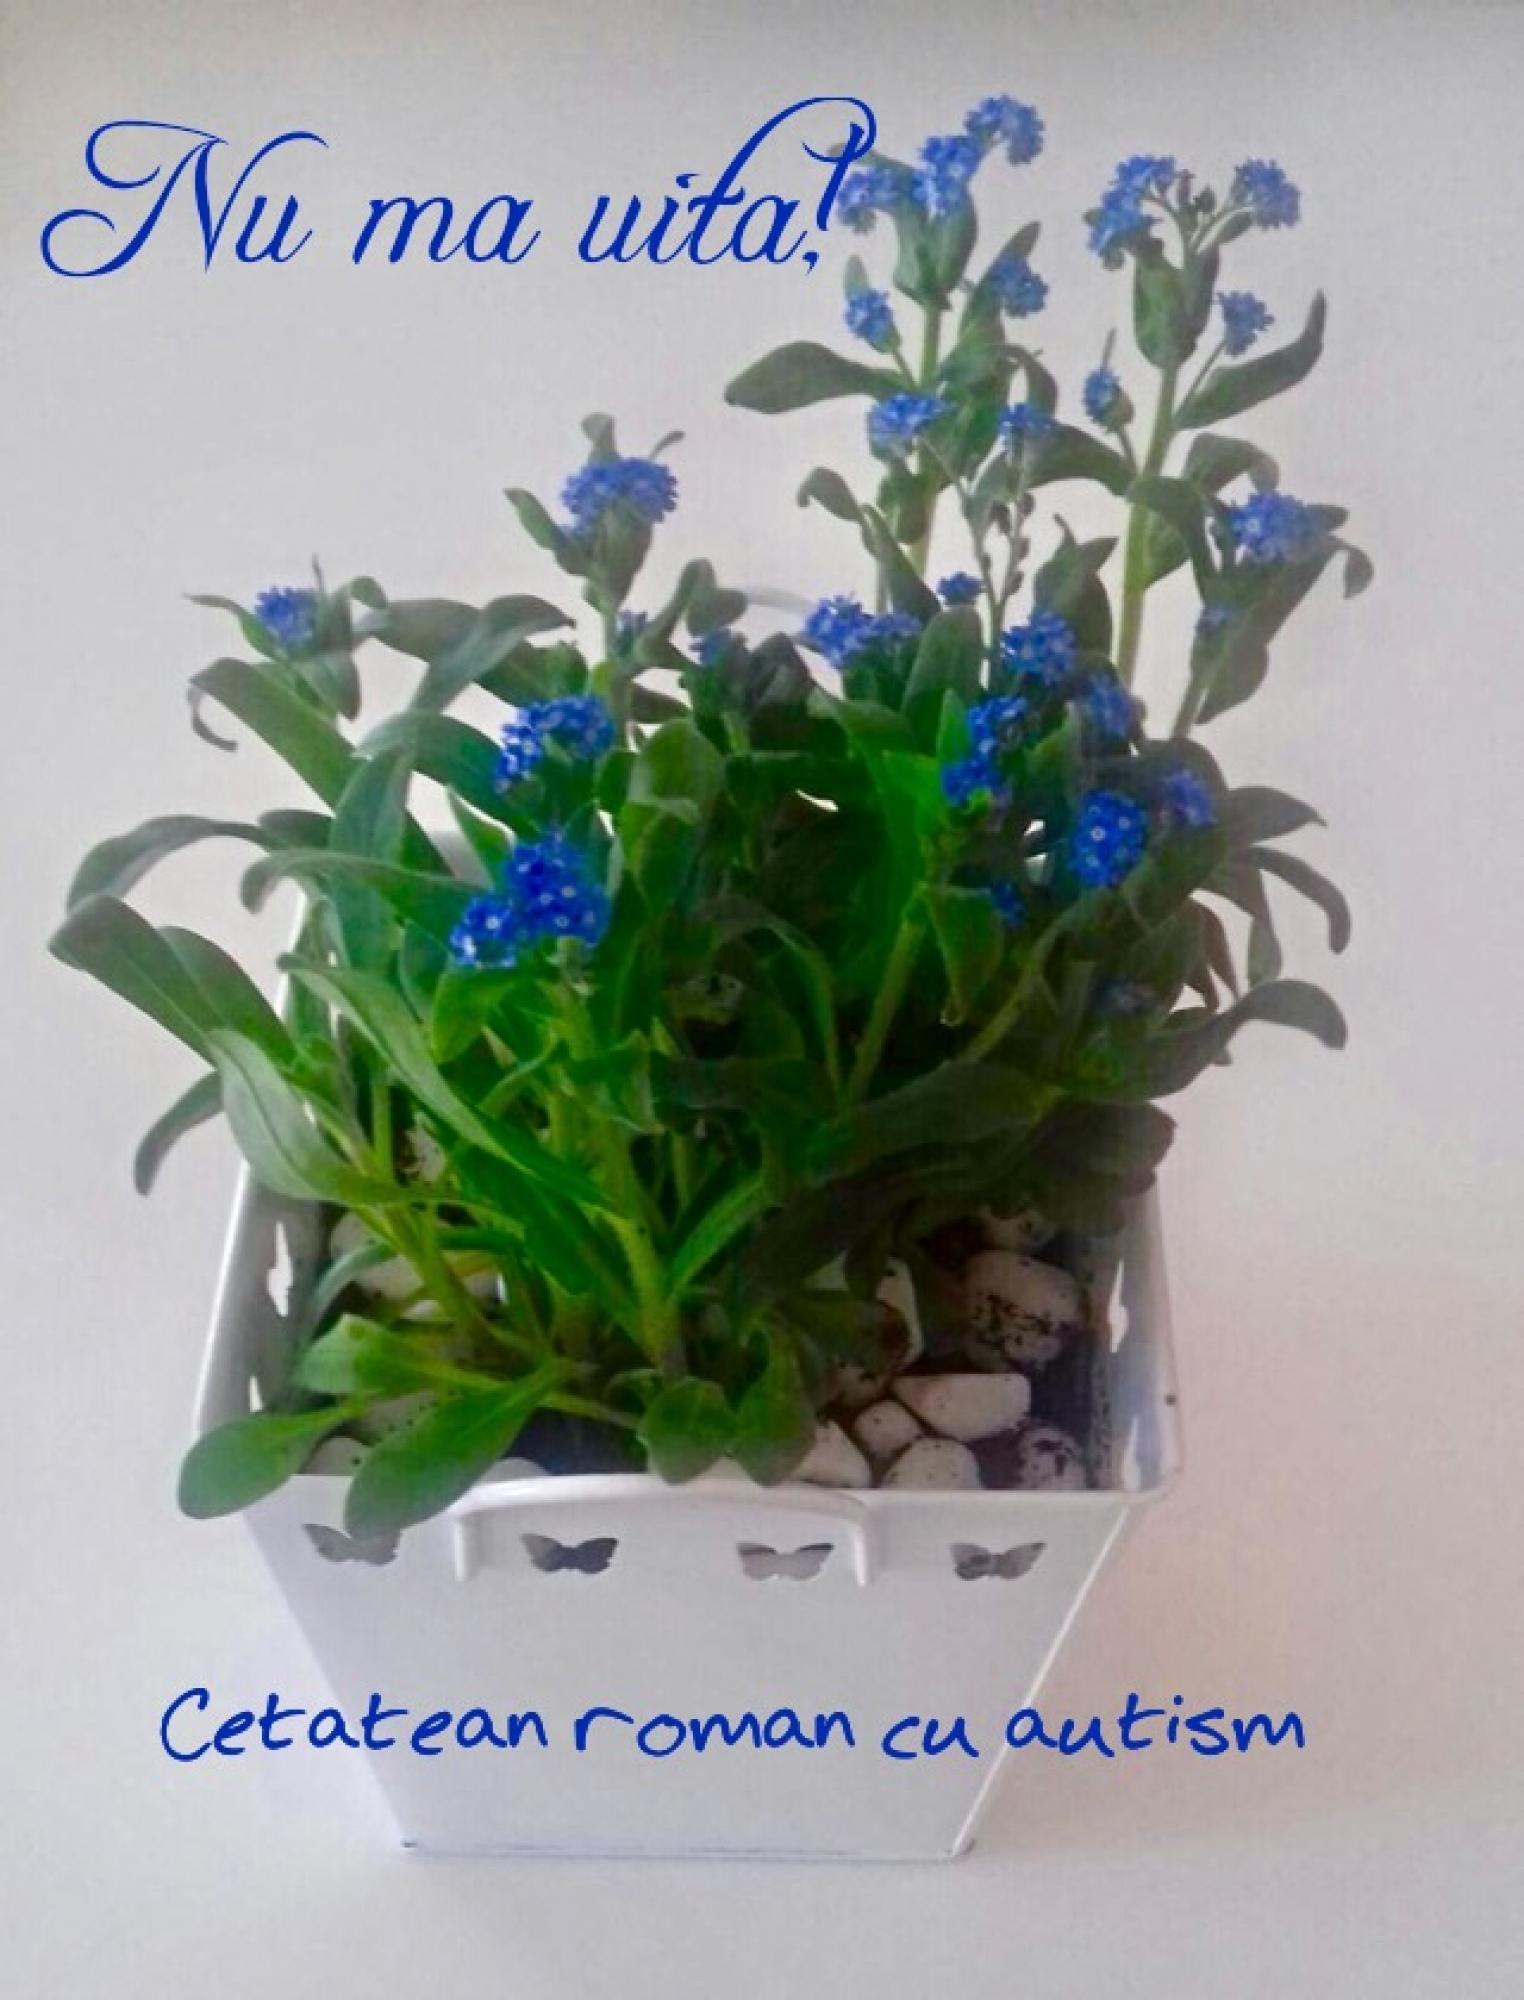 """Flori de """"Nu mă uita"""" oferite de cetăţenii cu autism Guvernului - 005"""